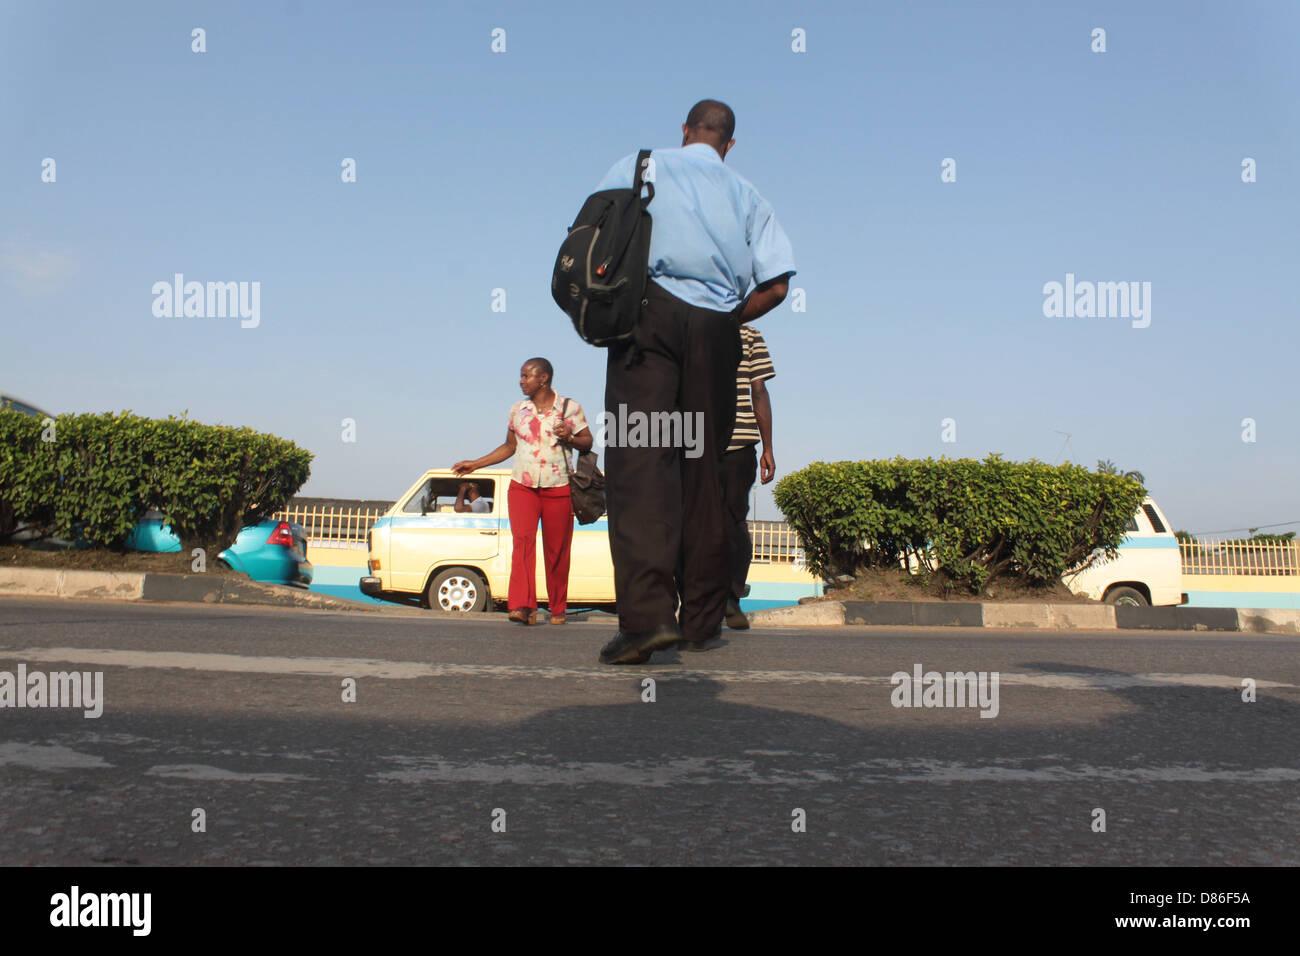 People walking on a Zebra Crossing Stock Photo